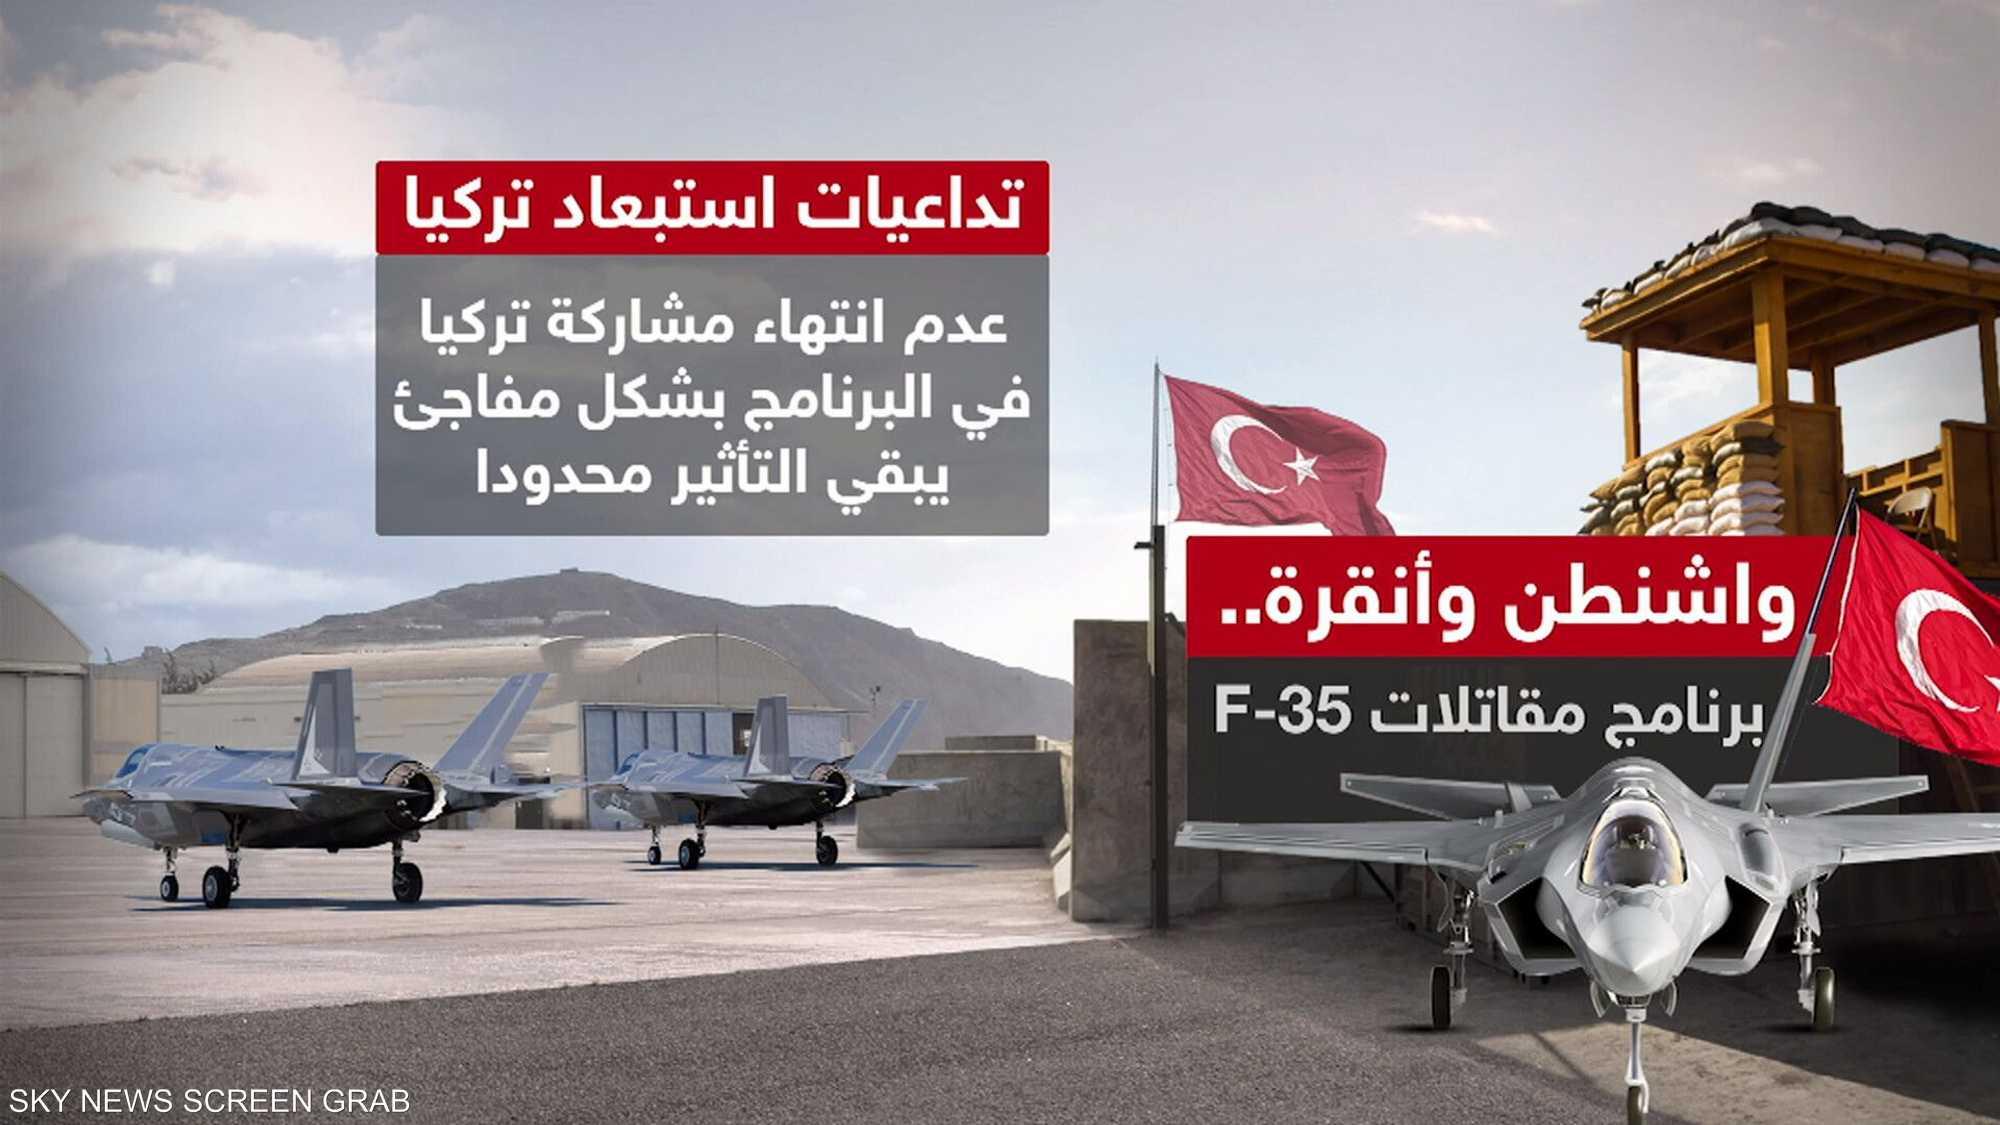 واشنطن: رادارات S400 تكشف القدرة العسكرية لمقاتلة F35